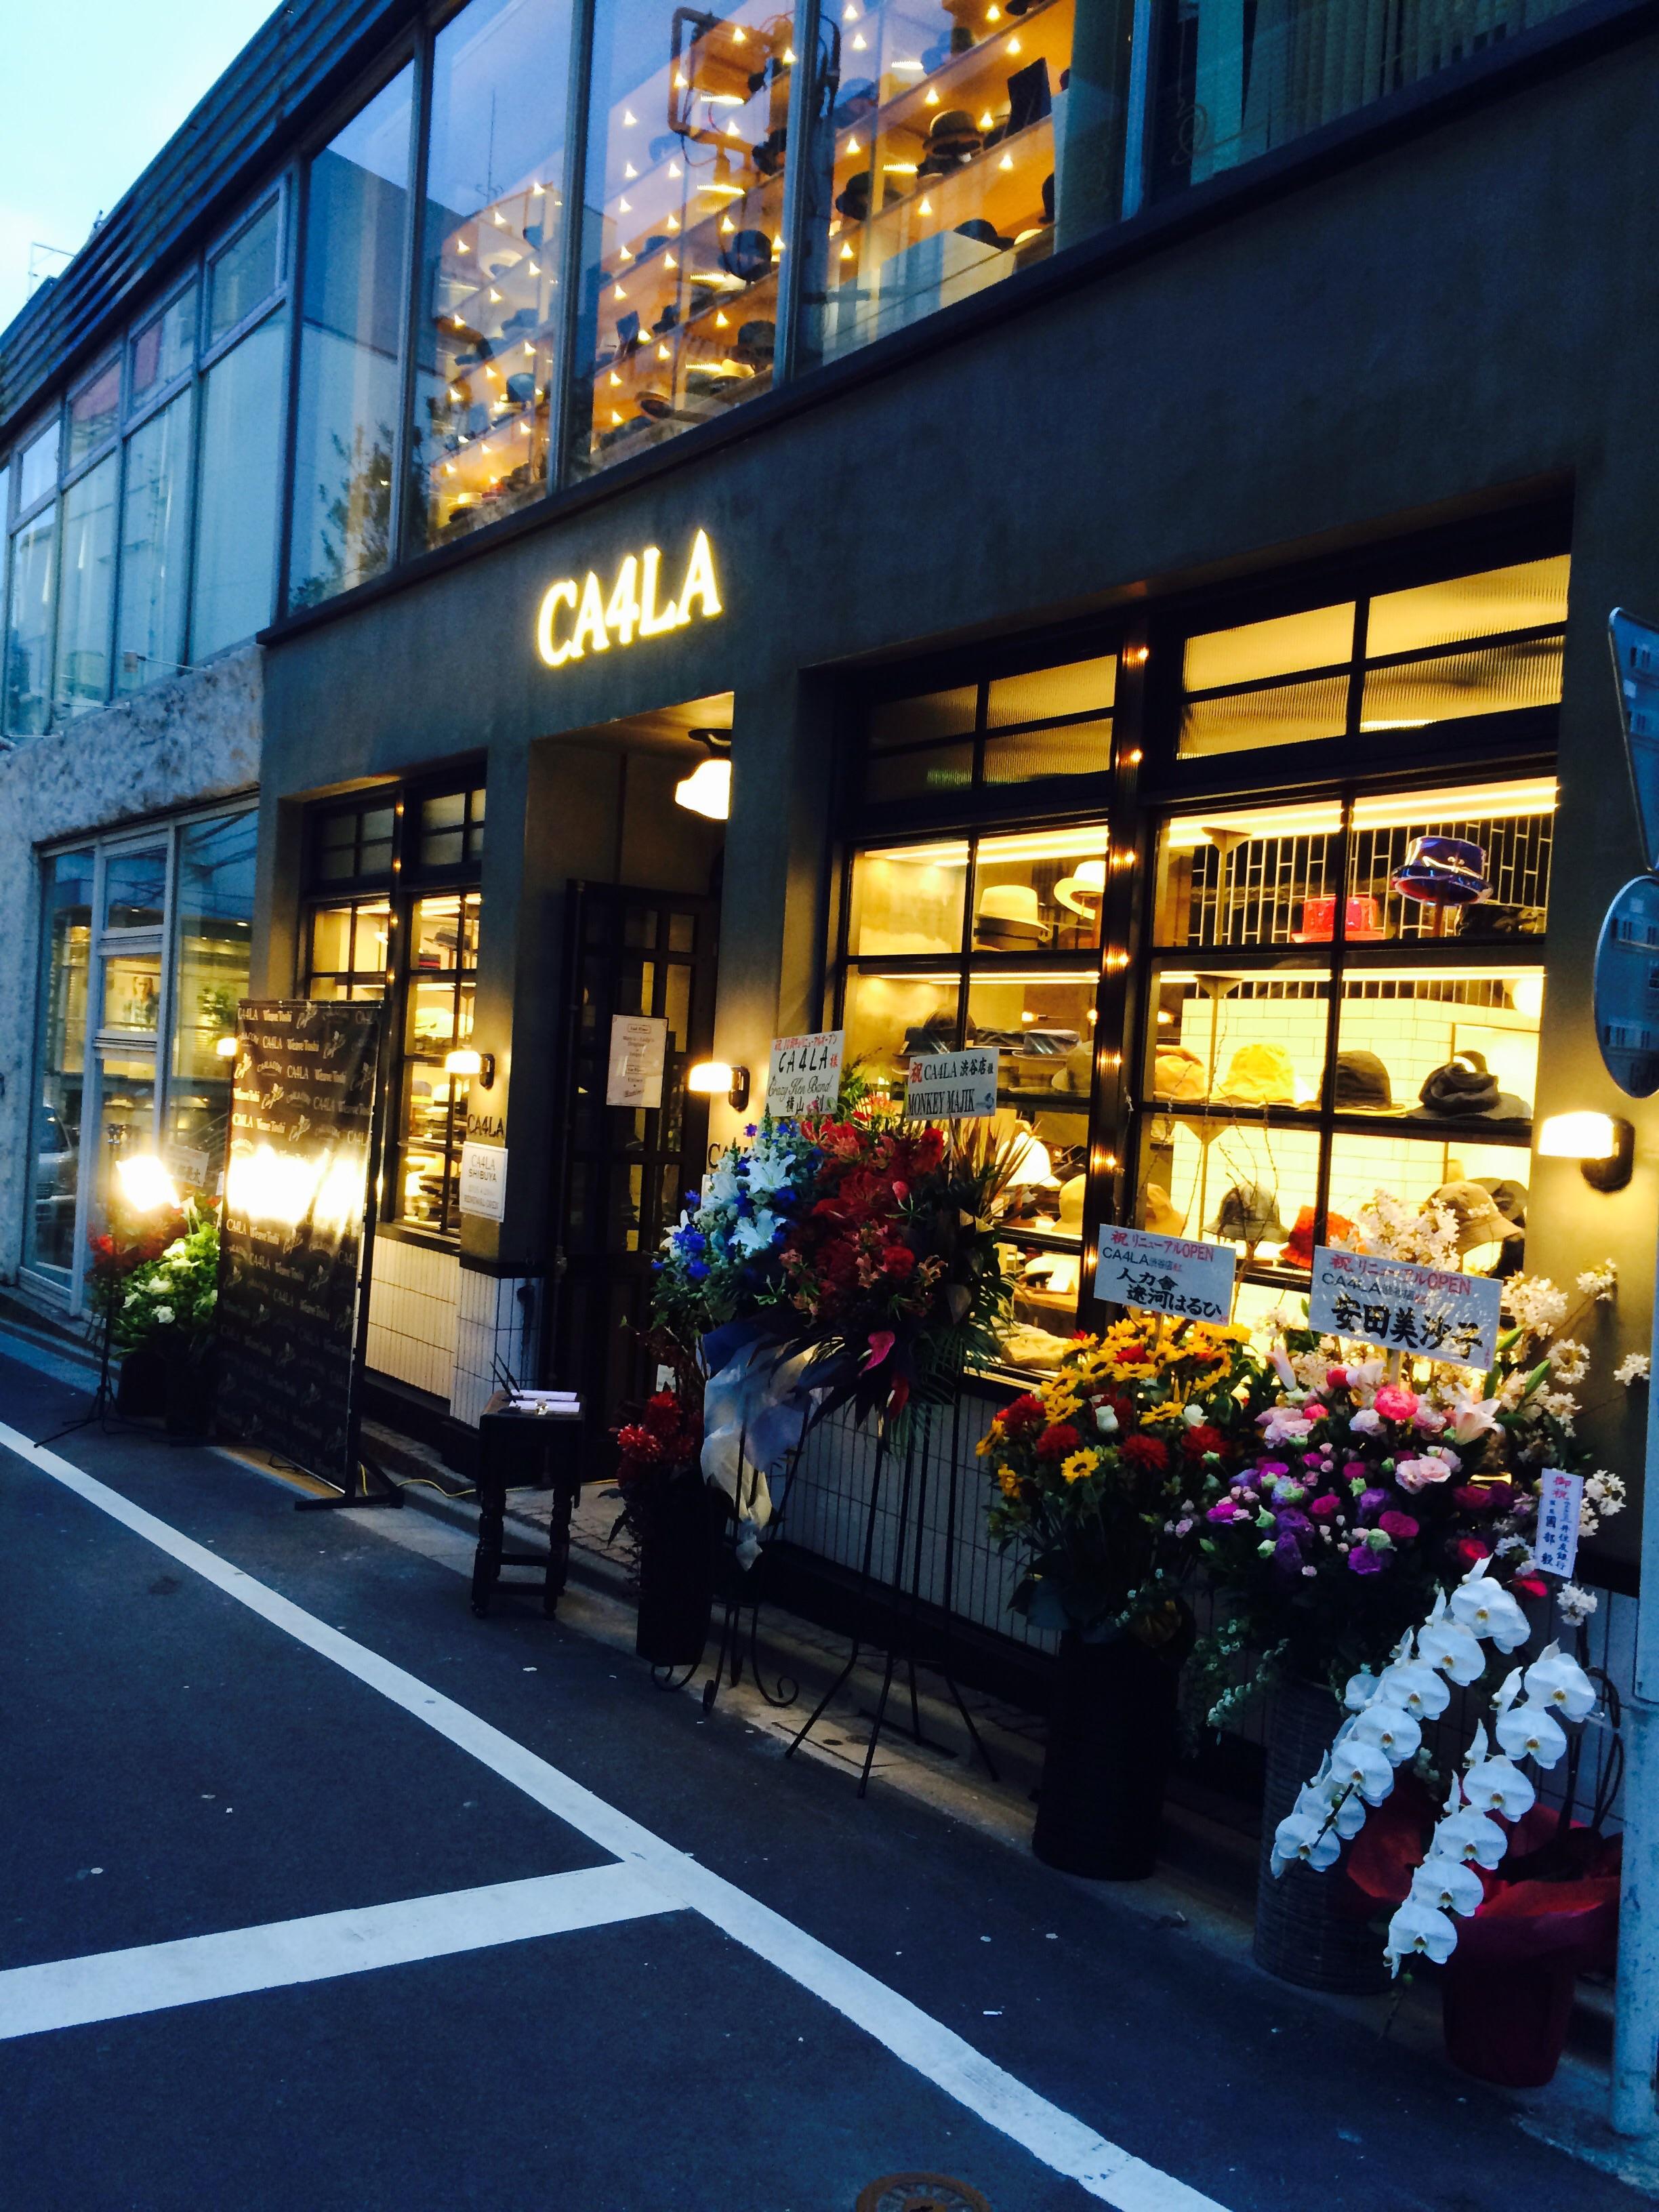 10周年を迎えた『CA4LA渋谷店』のリニューアルパーティに潜入!_1